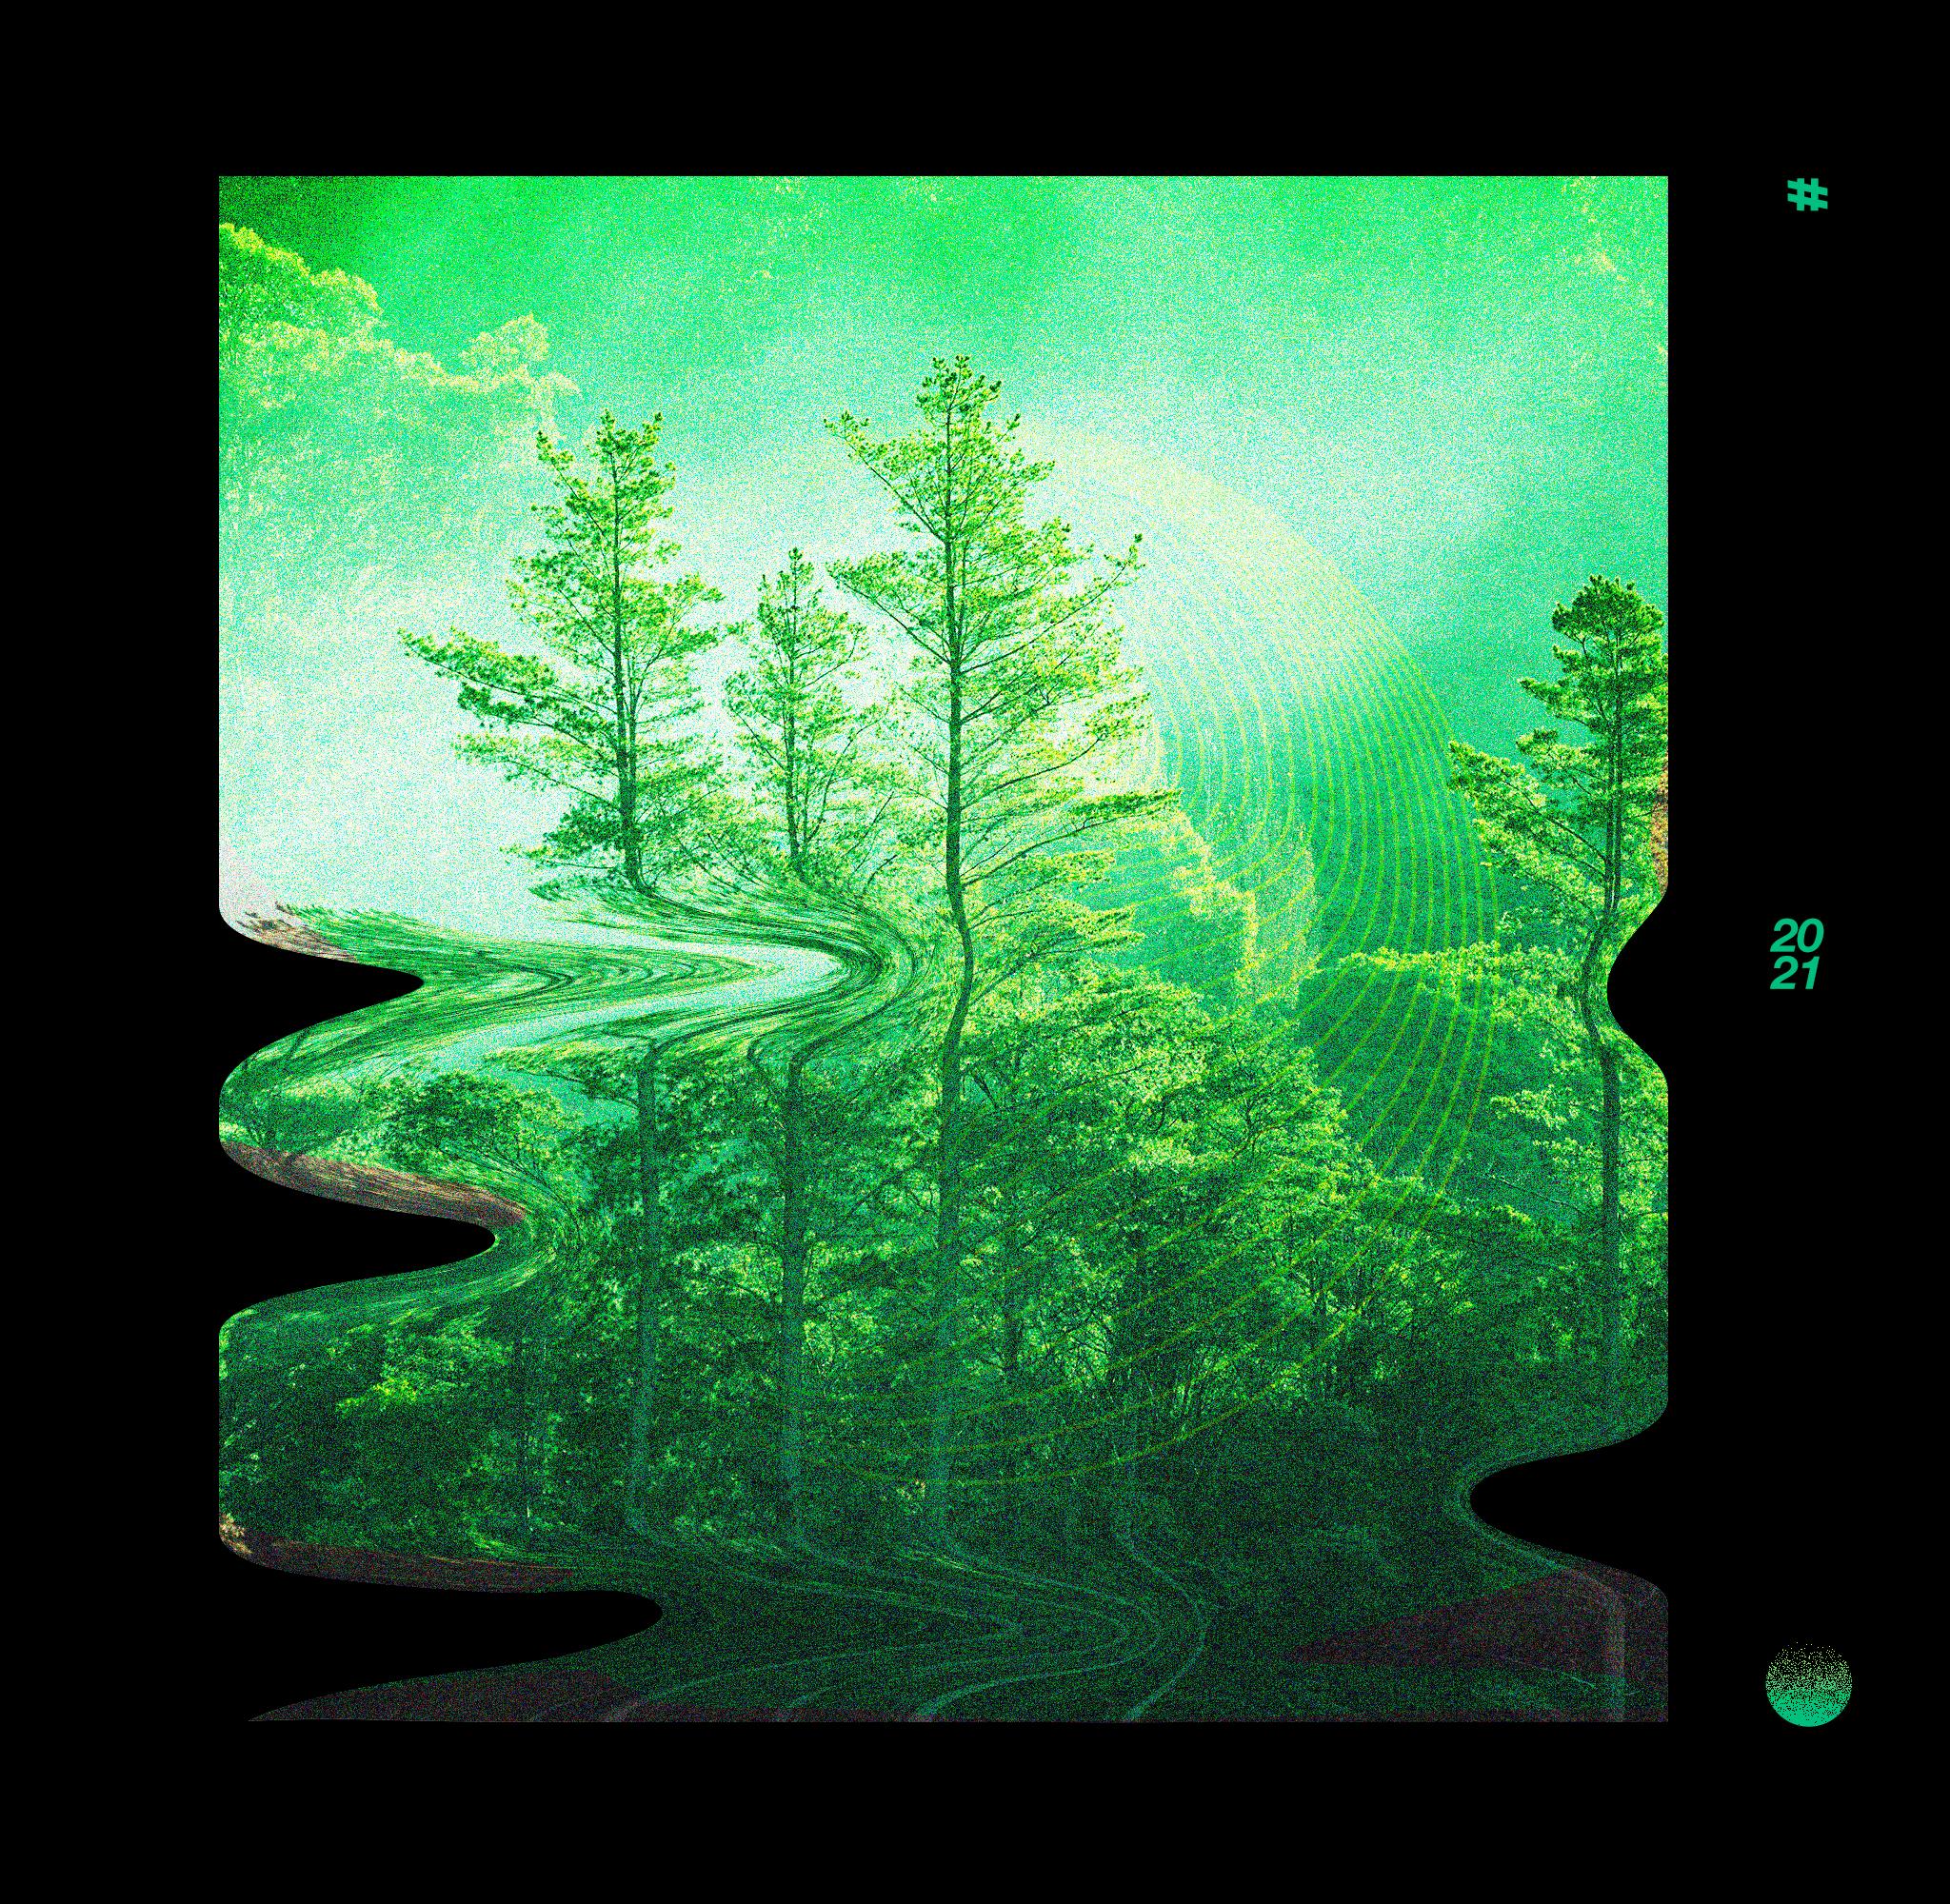 #BBSC21 - green